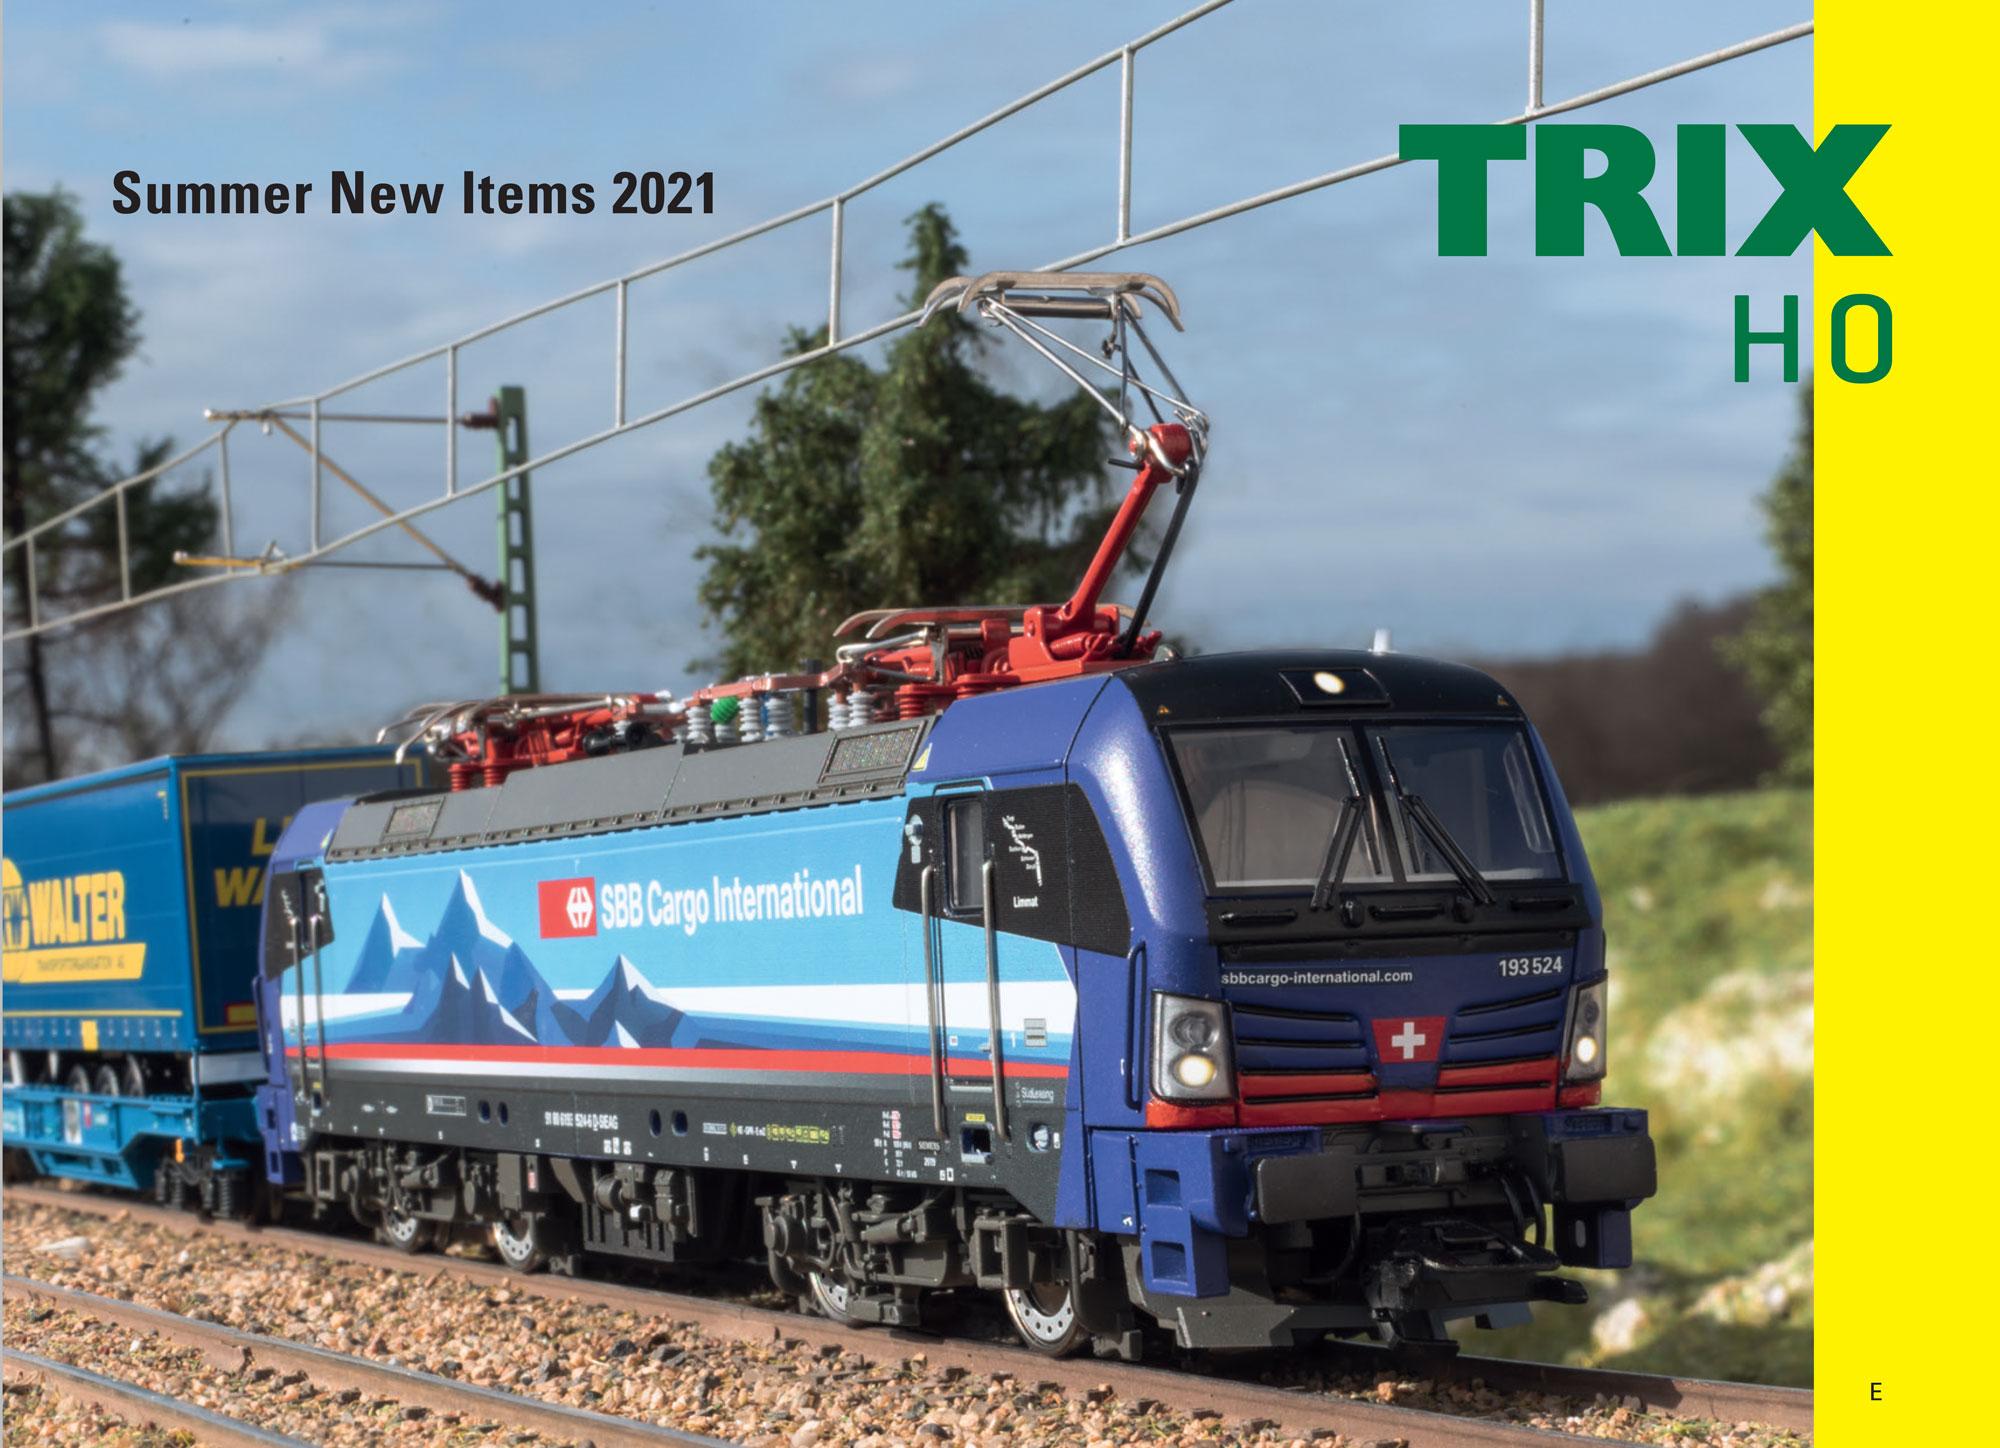 Trix - Summer new items 2021 catalog